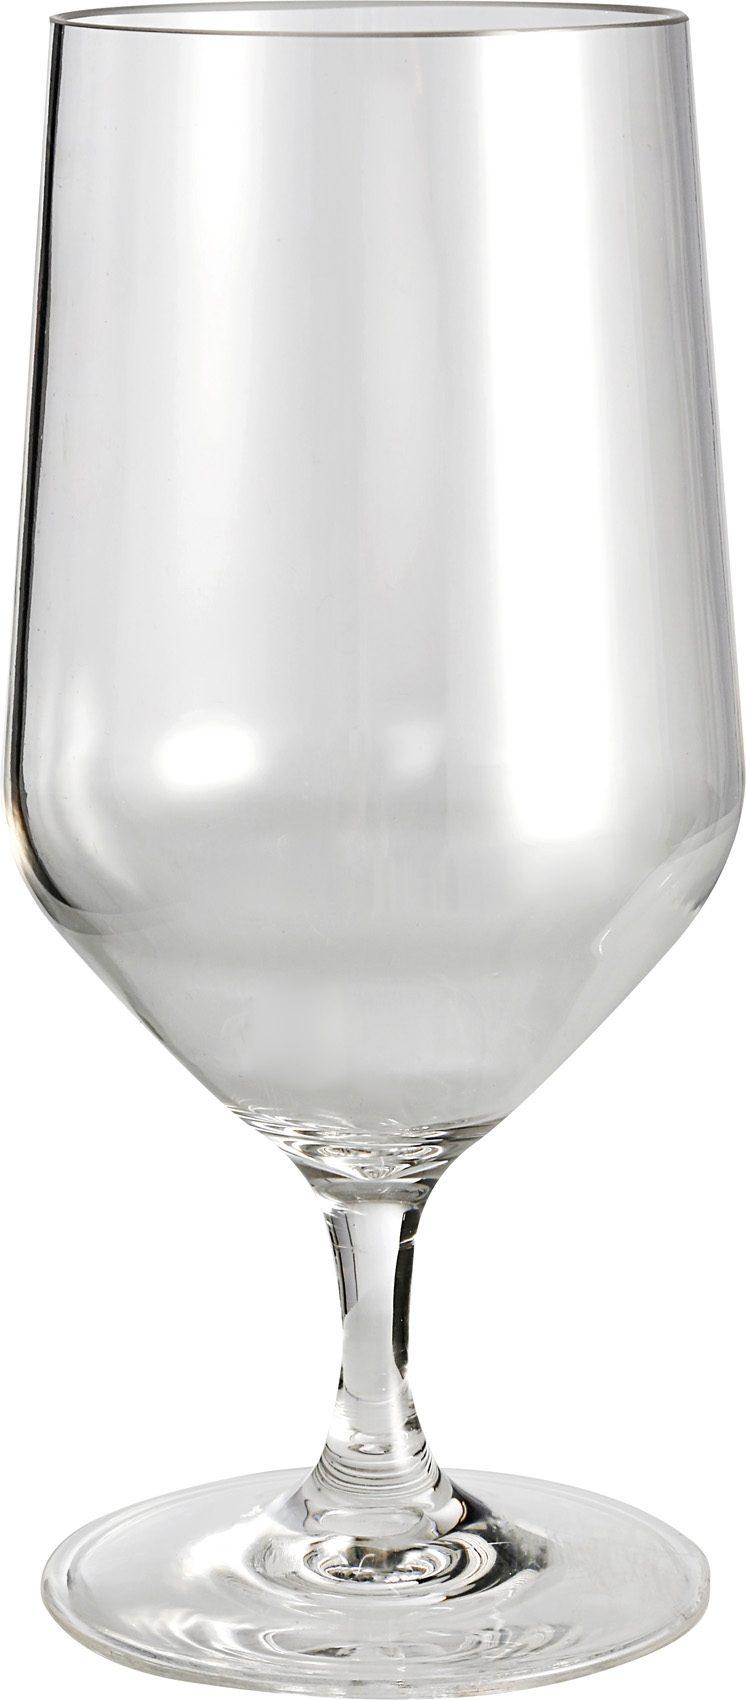 Bicchieri birra Tulip (2pz)